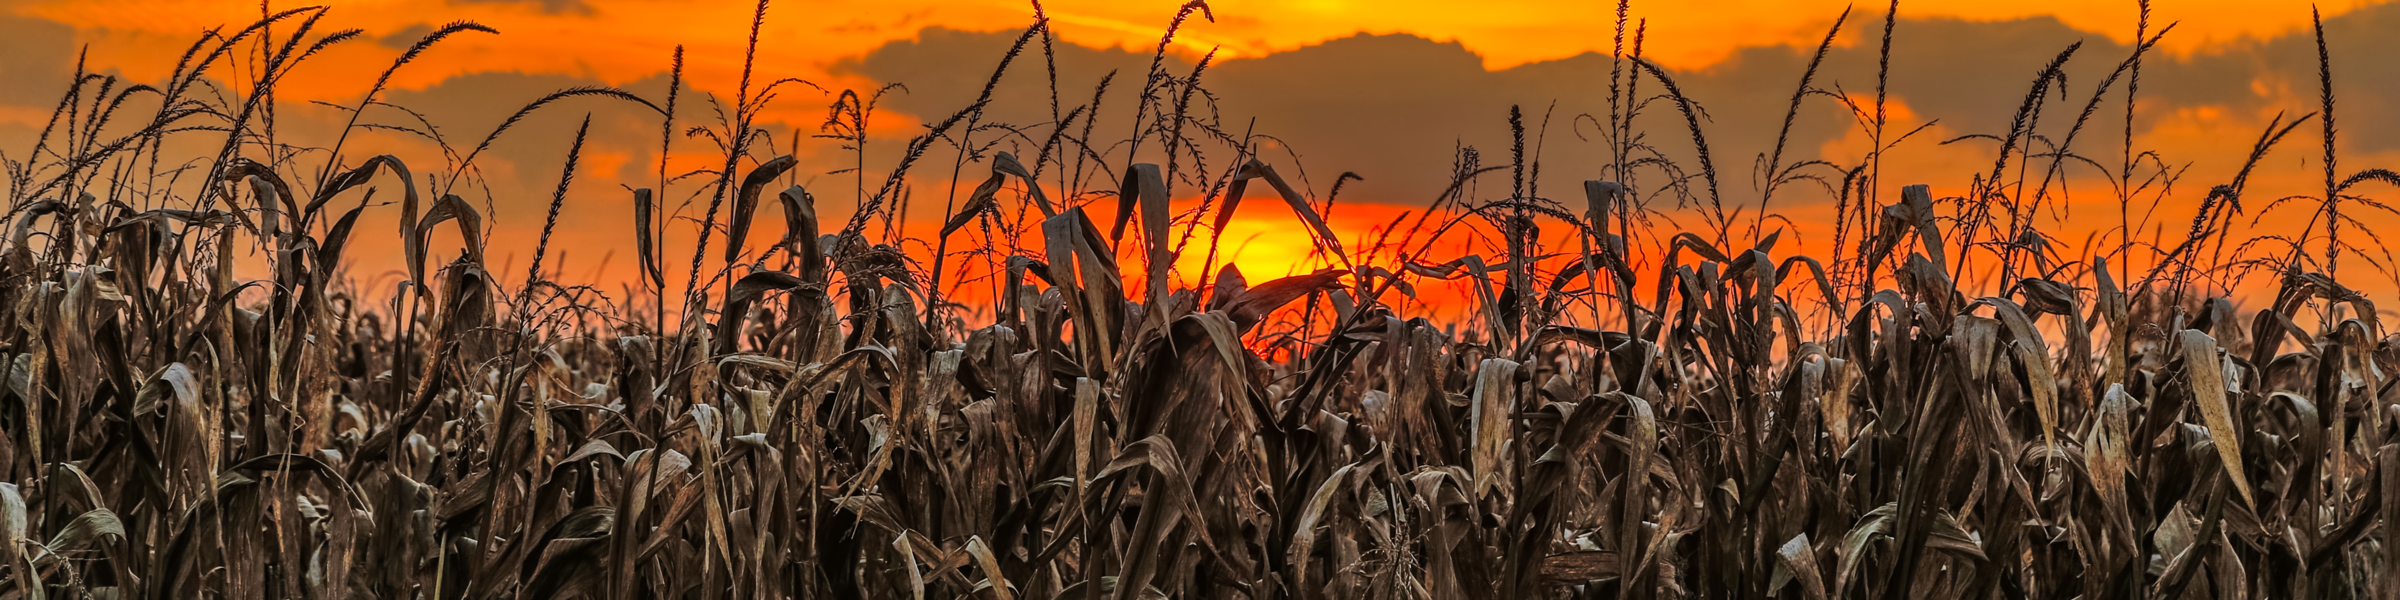 Fall Corn Subpage19